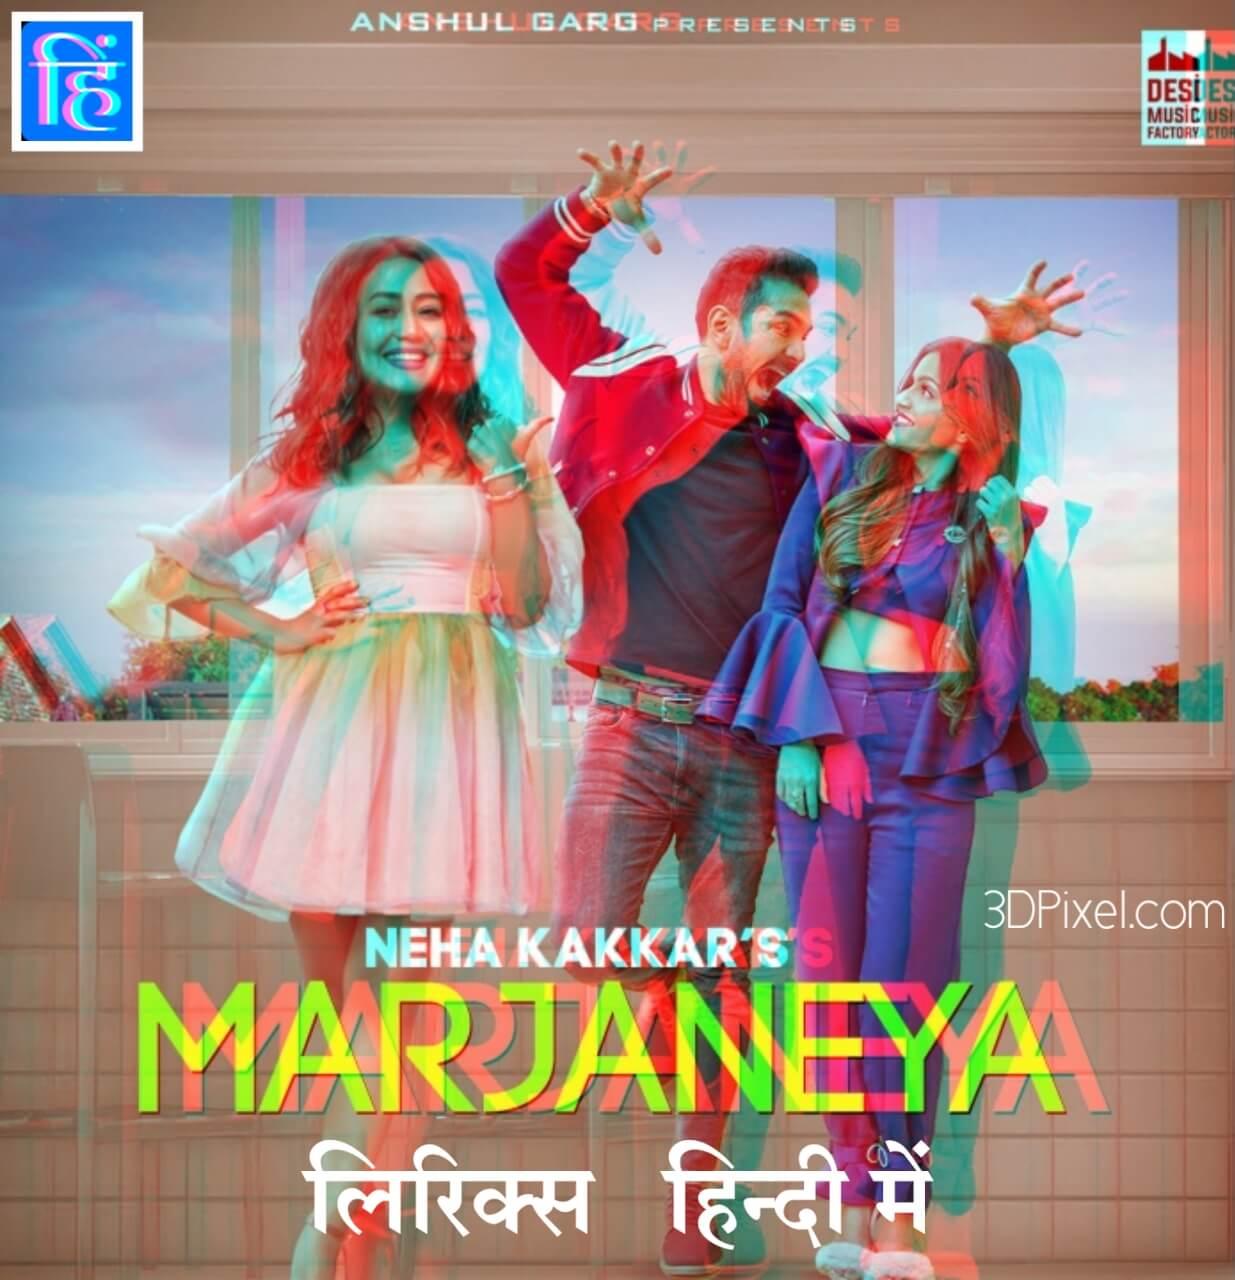 Marjaneya Lyrics In Hindi